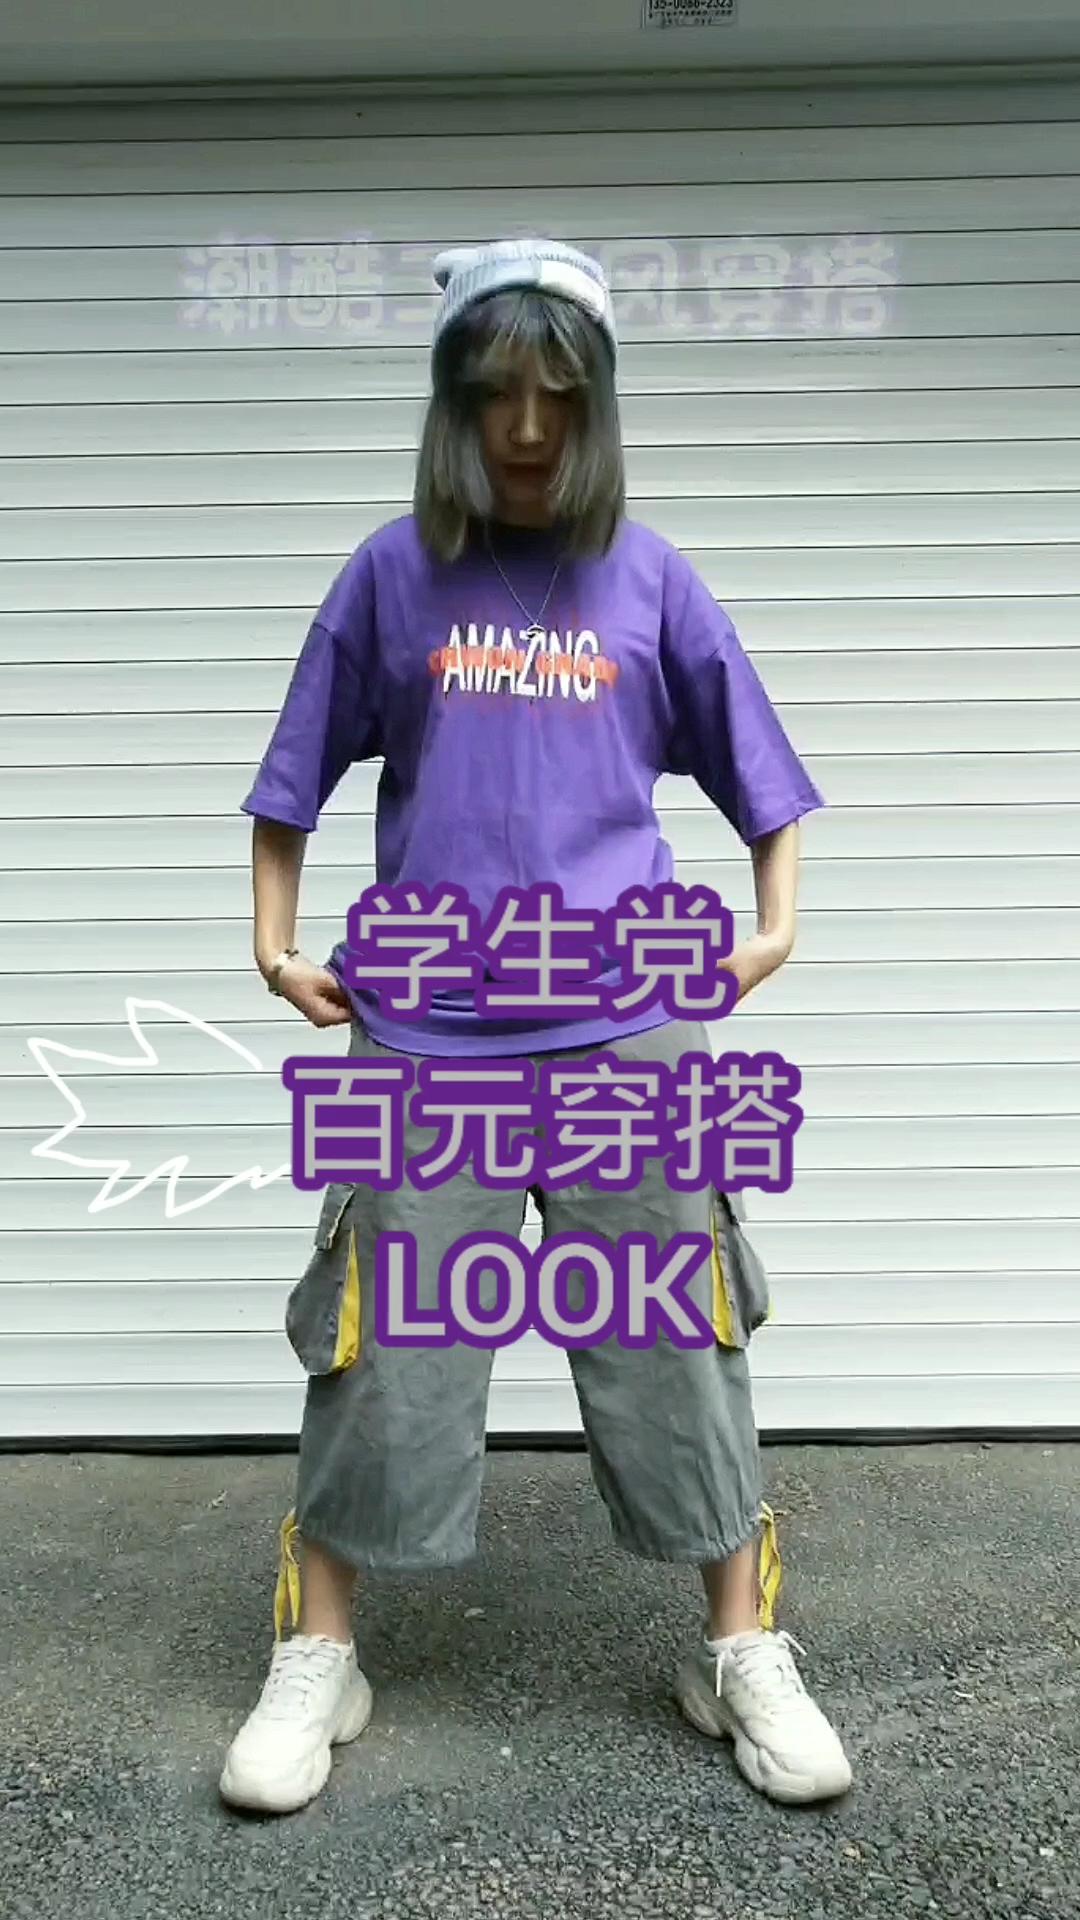 女生日常穿搭 | 潮酷风穿搭  紫色显白T恤 工装束腿裤 老爹鞋 针织帽 #618网红爆款穿搭集合#